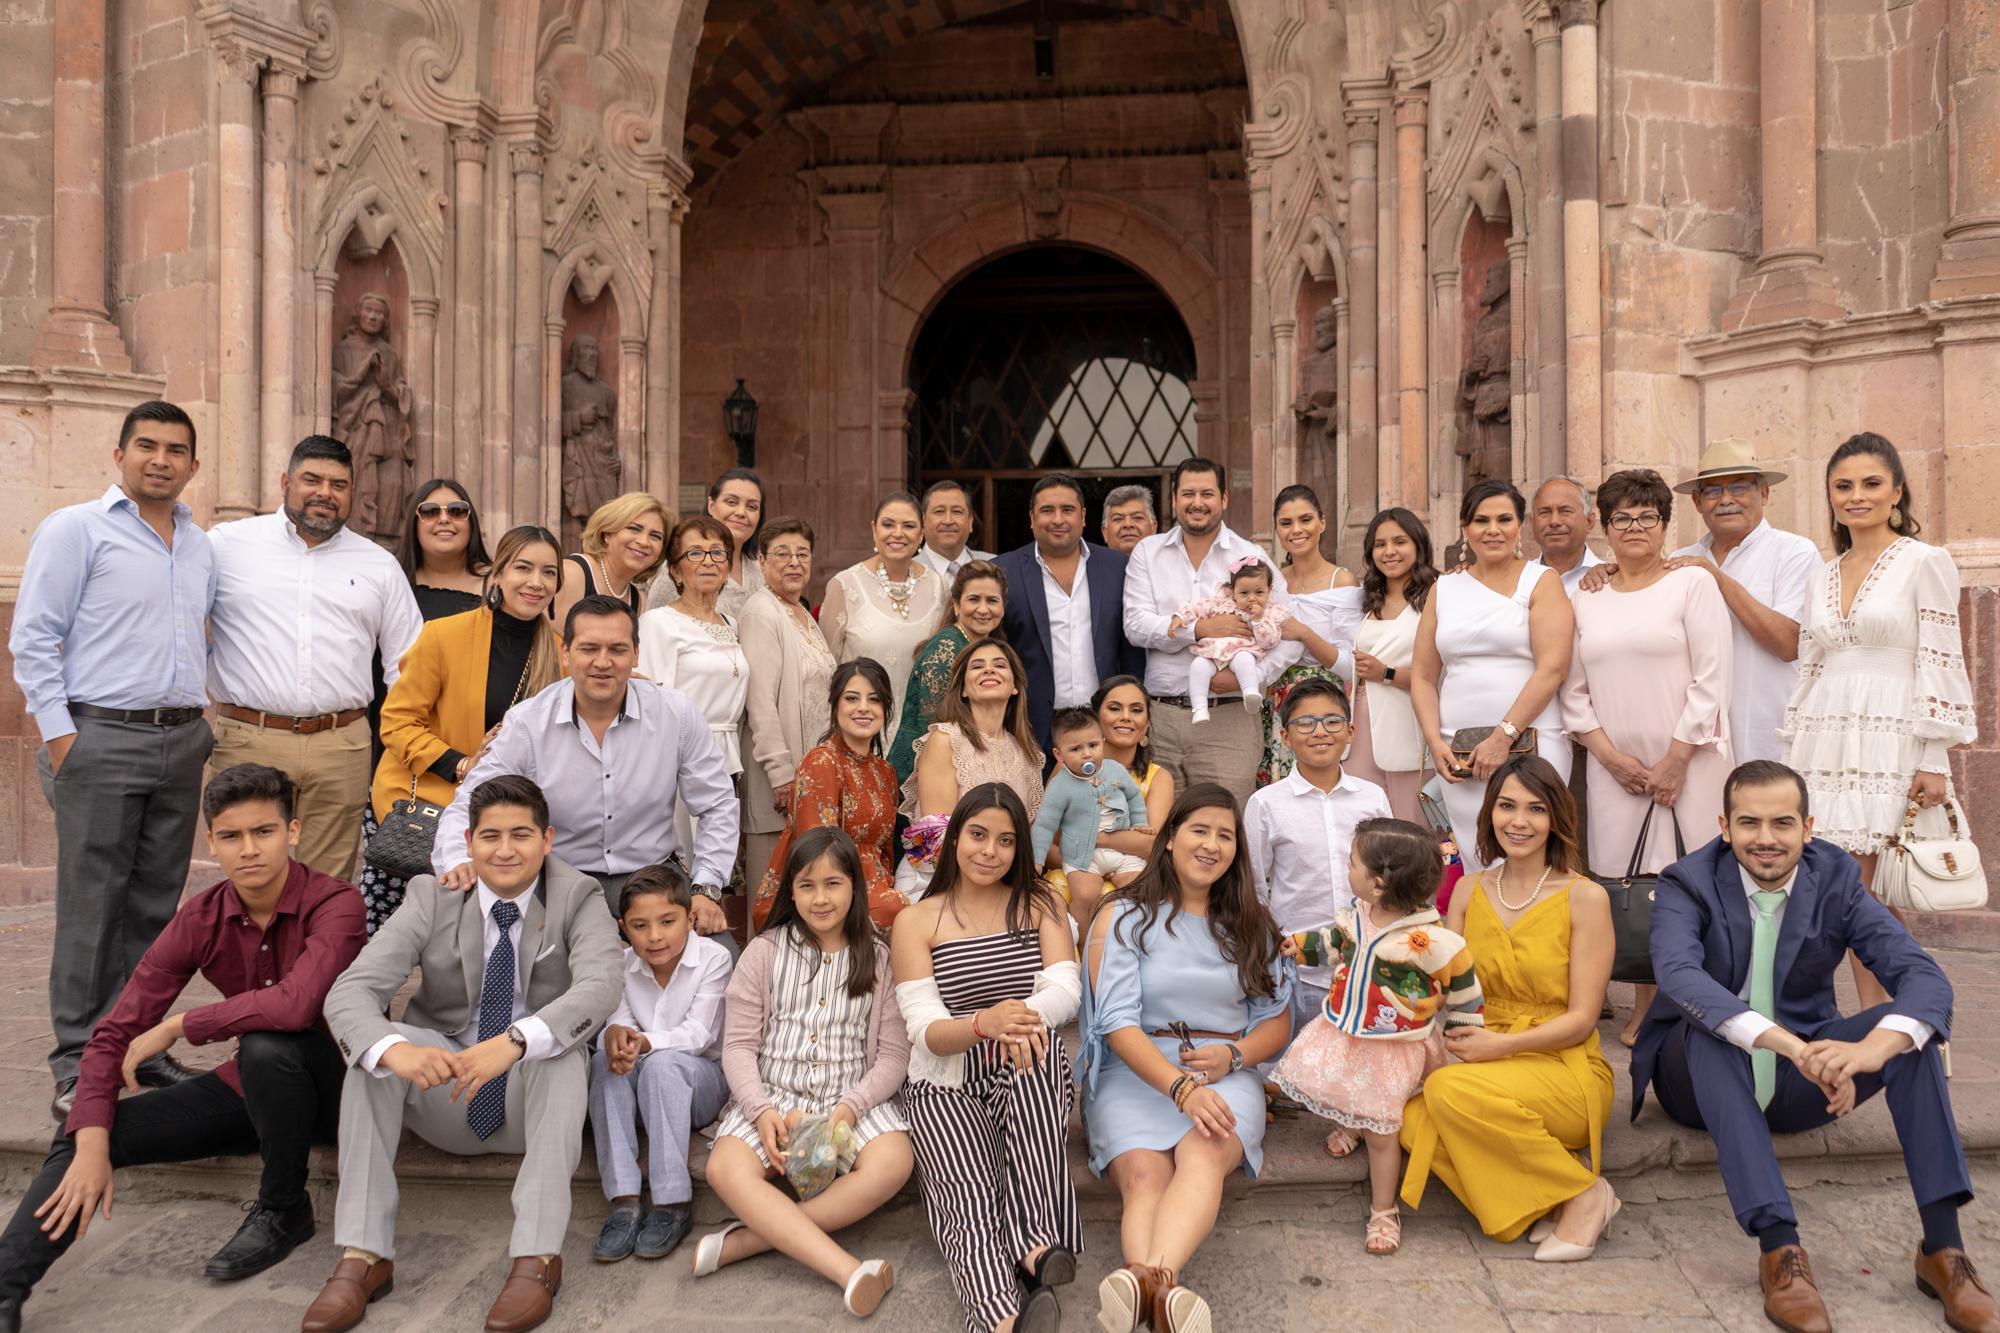 Sesion de Fotos en Rosewood San Migue de Allende del Bautizo de Alfonso-1.jpg